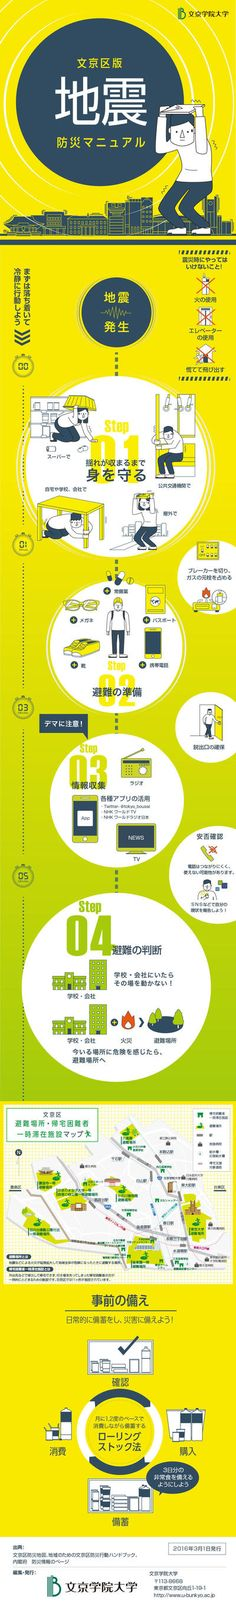 防災インフォグラフィックス_ 文京学院大学 インフォグラフィックス-infogra.me(インフォグラミー)infographics Design